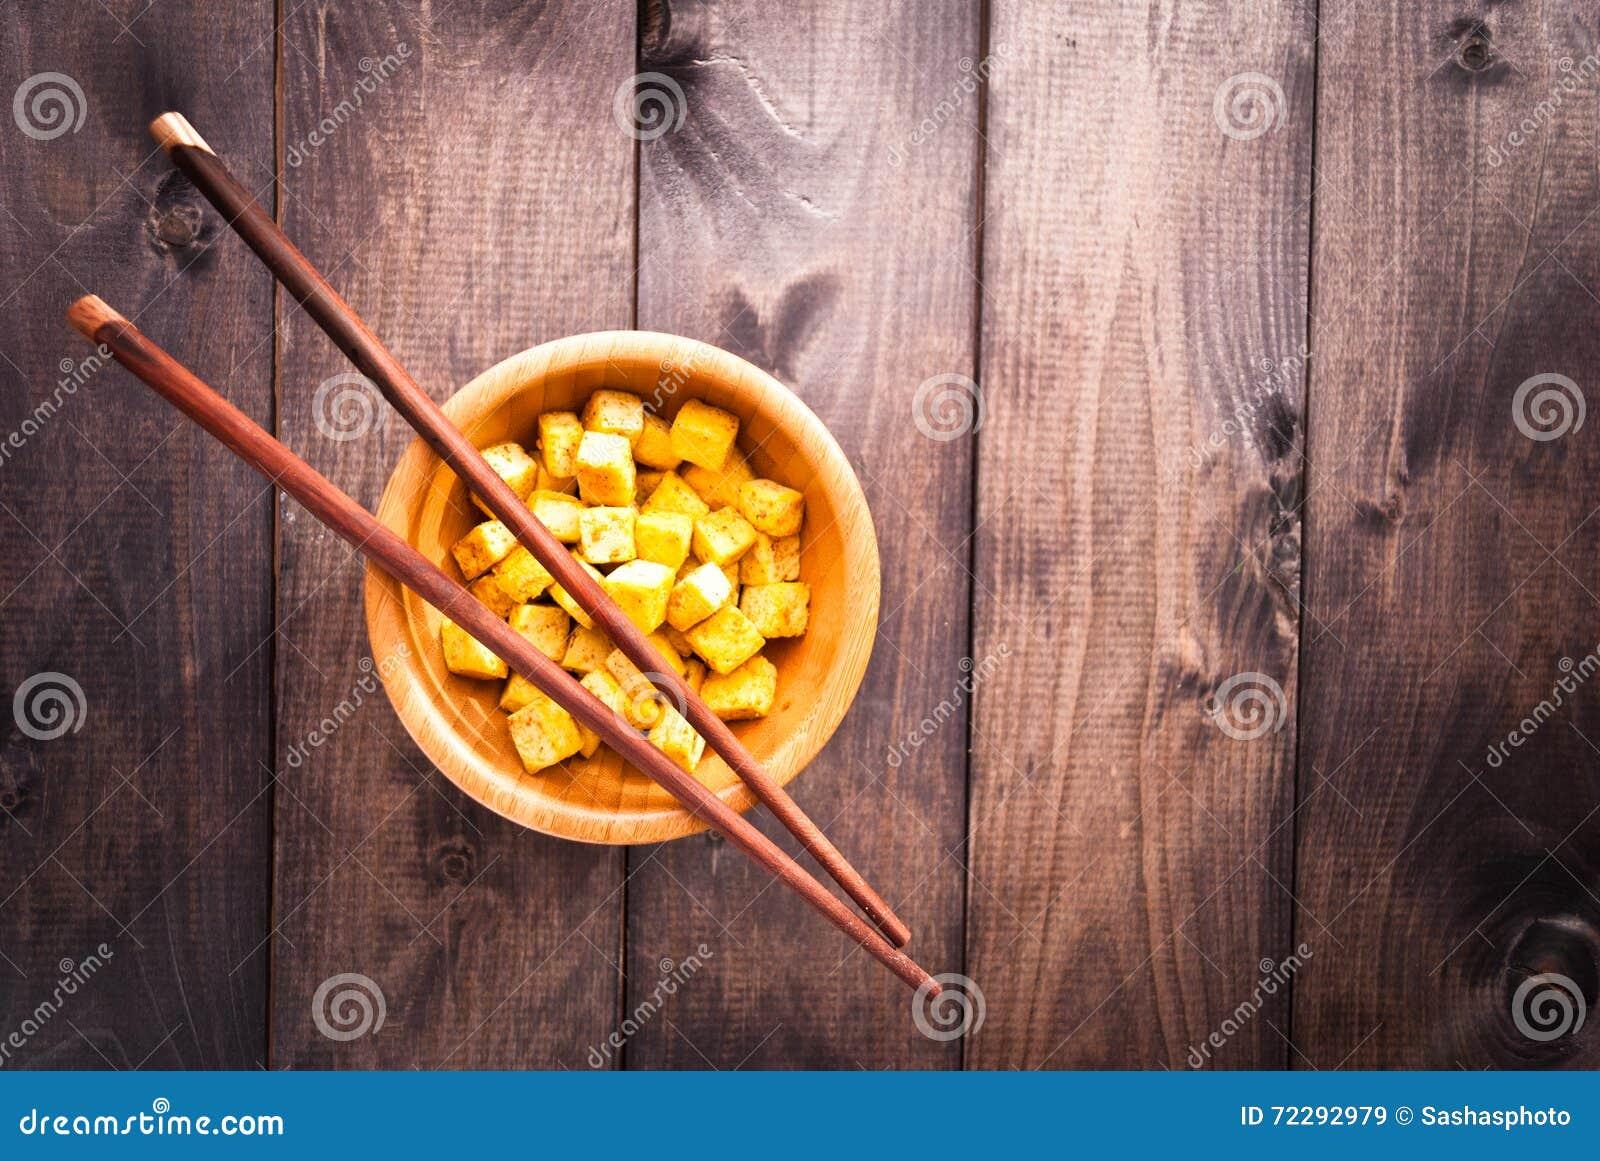 Download Кубы зажаренного тофу стоковое изображение. изображение насчитывающей бежевое - 72292979